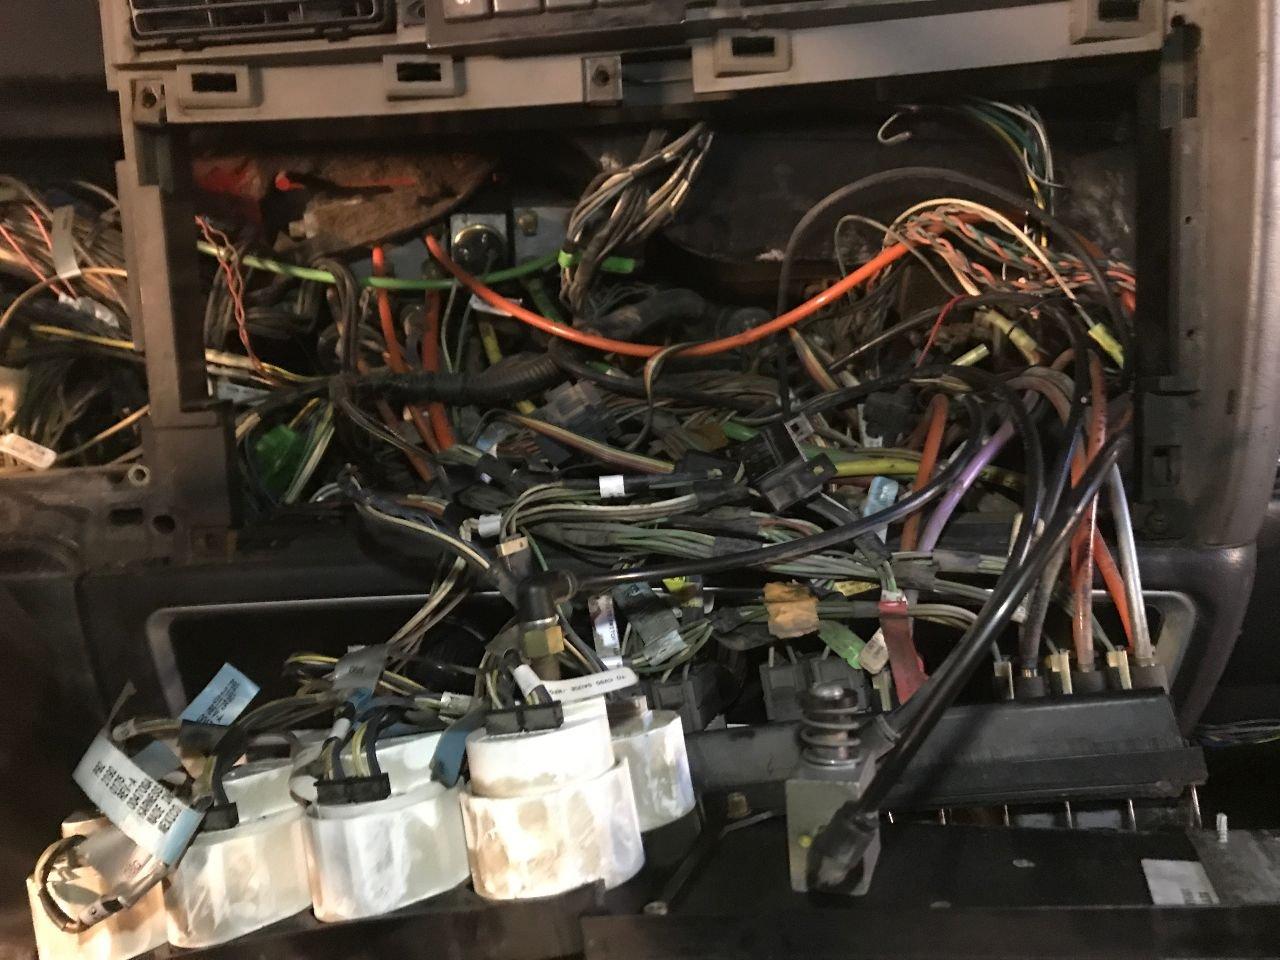 [TBQL_4184]  Kenworth T600 Wiring Harness, Cab | Kenworth T660 Dash Wiring Harness |  | Vander Haag's